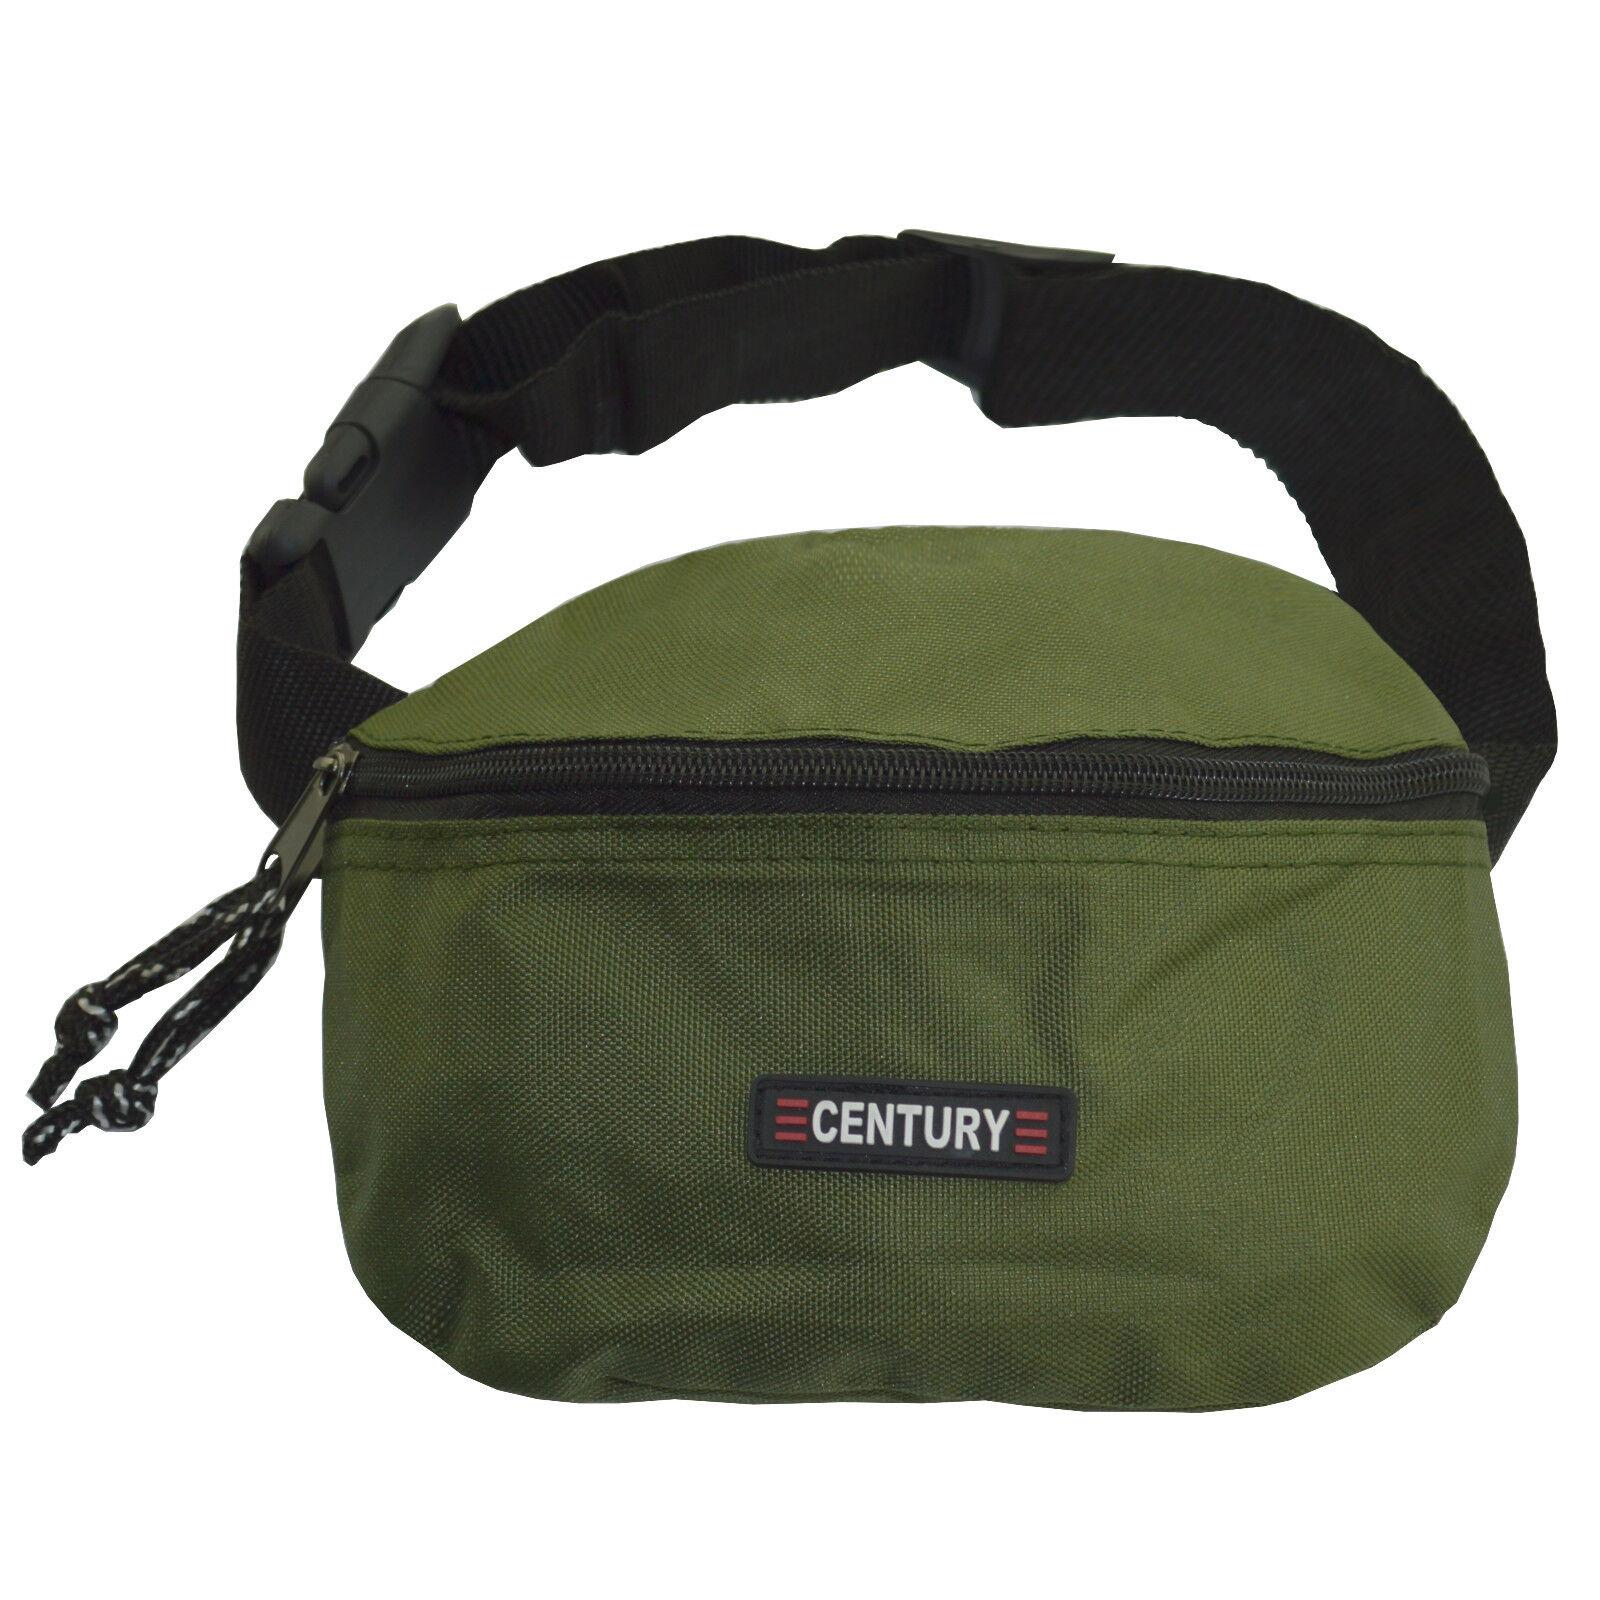 2 Fächer Kinderbauchtasche Gürteltasche Bauchtasche Hüfttasche grün BW 55-70